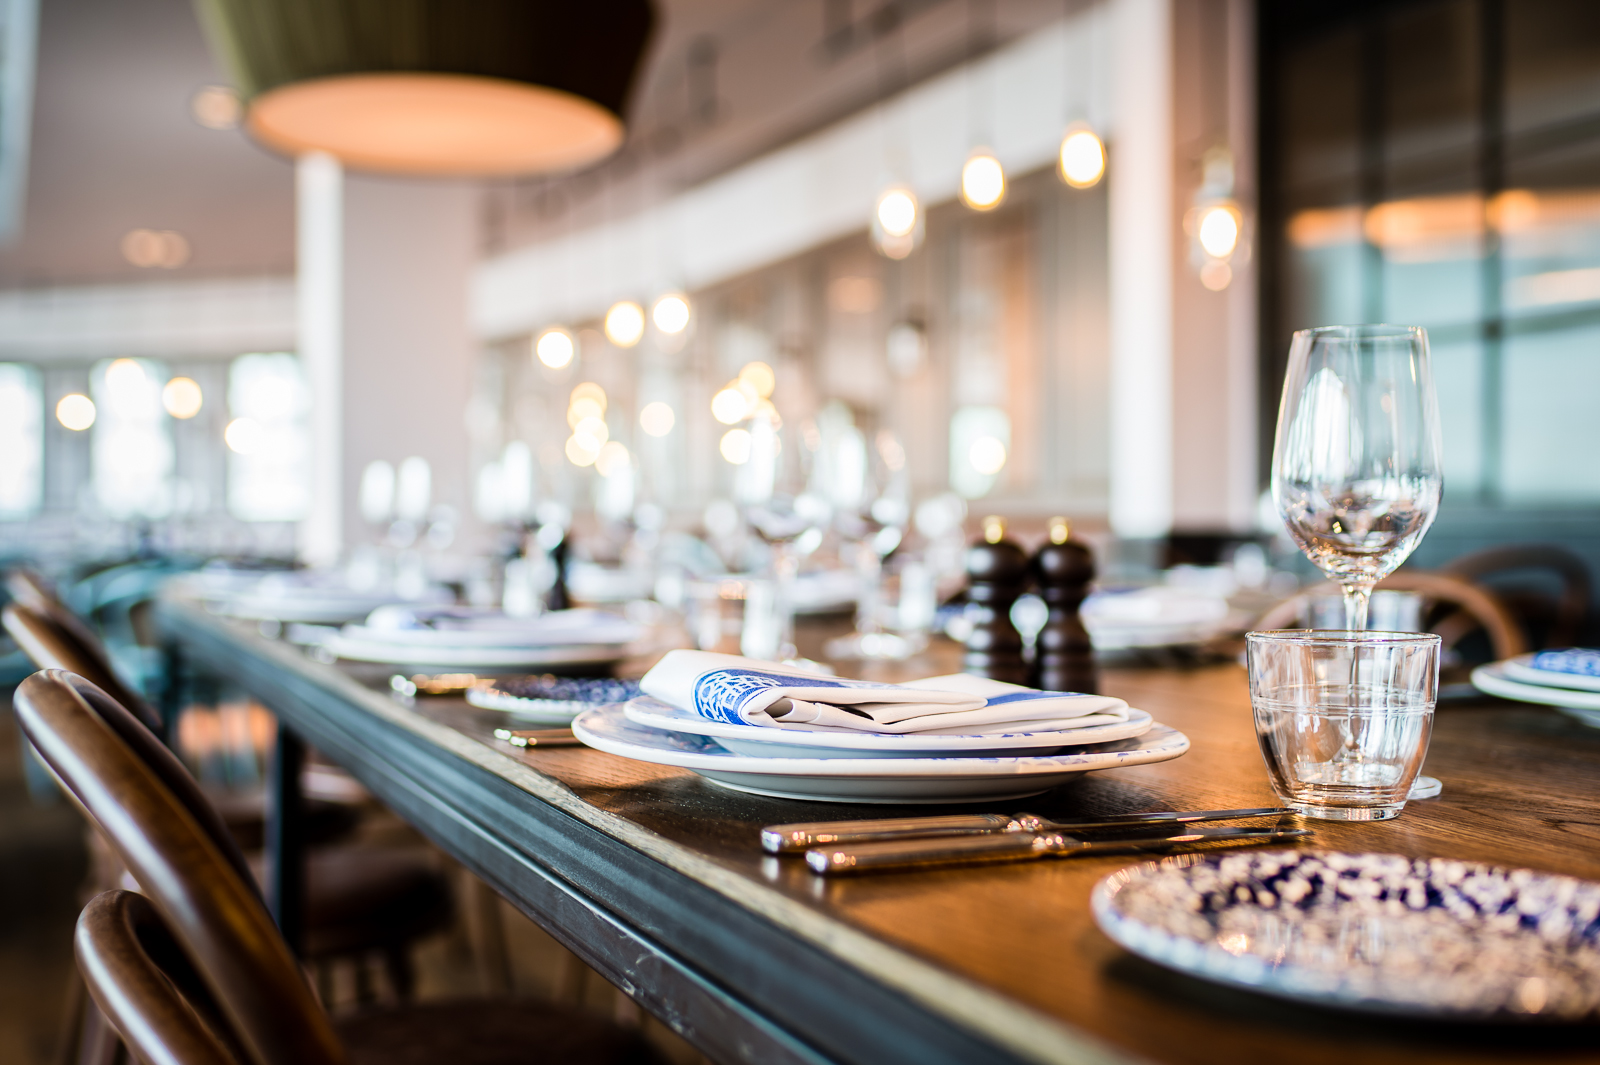 The Pearson Room Canary Wharf Restaurant Bar